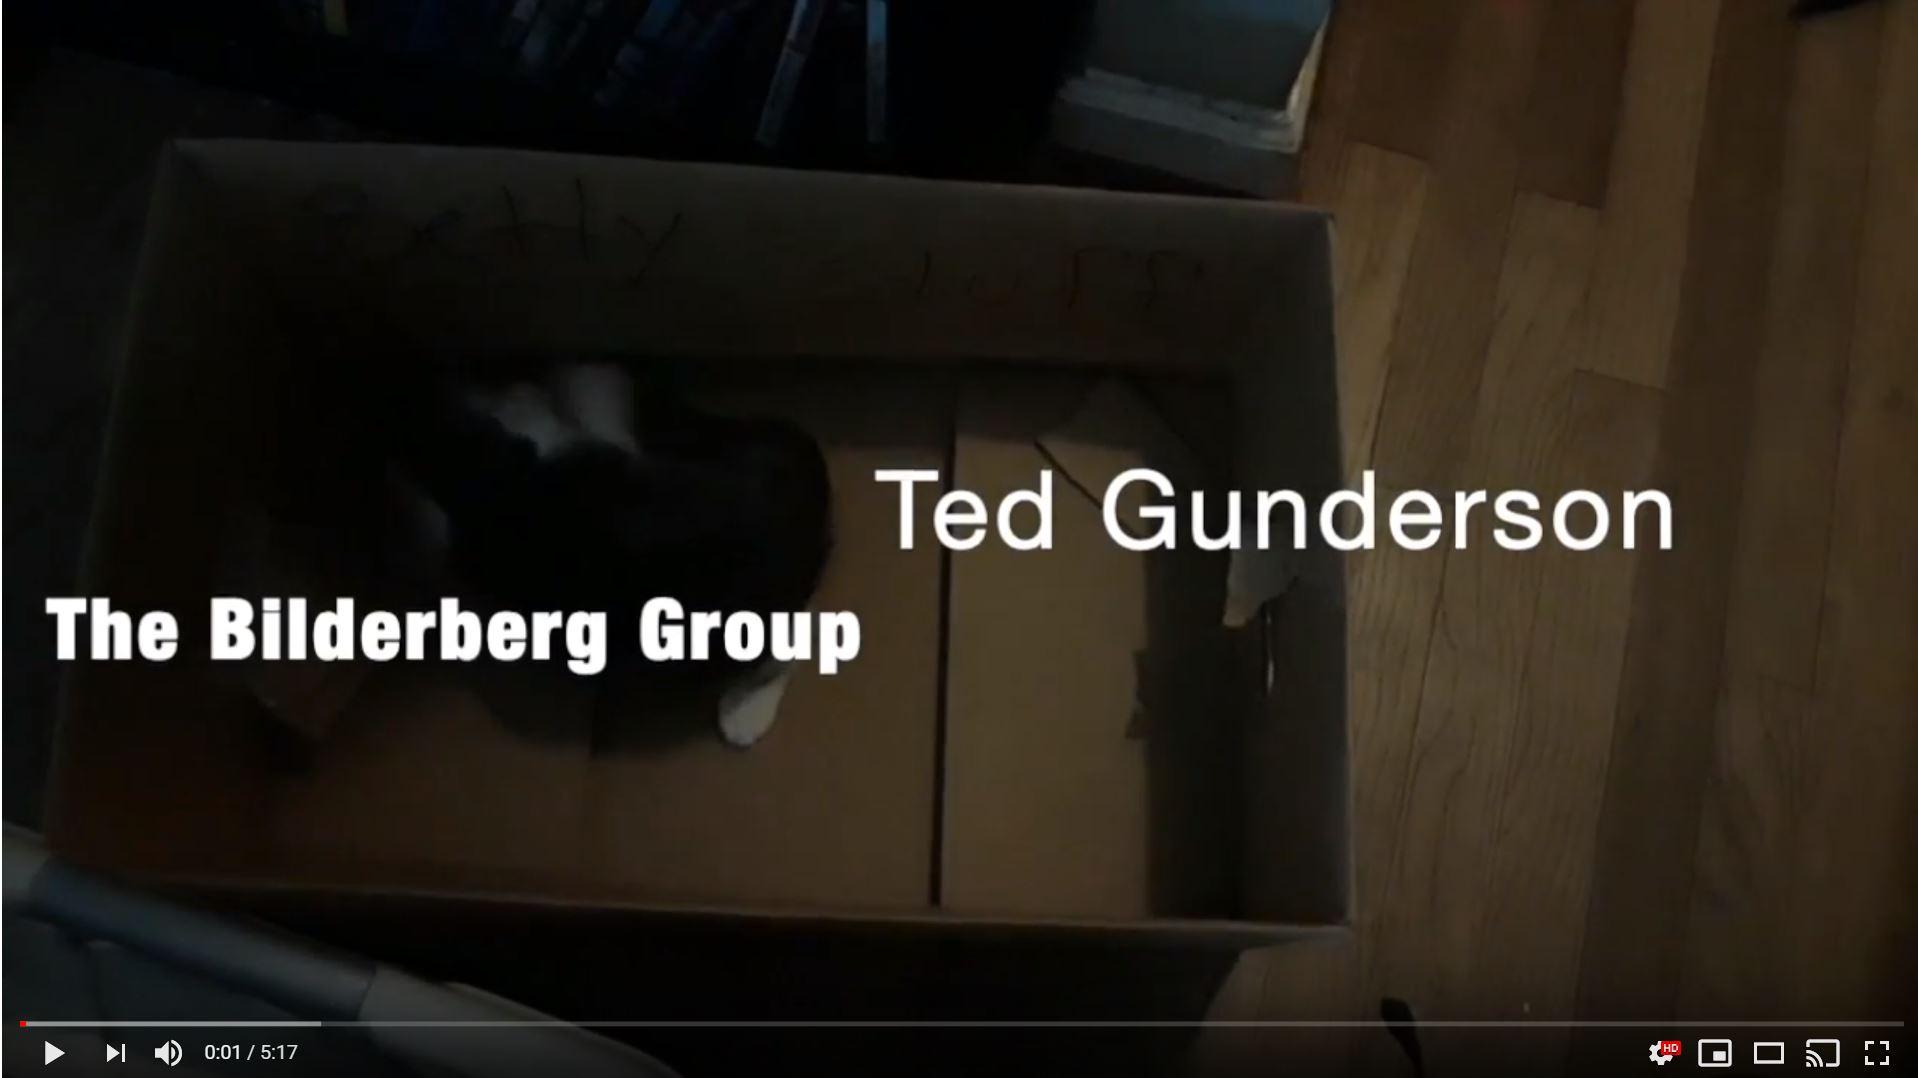 Ted Gunderson Music Video Still